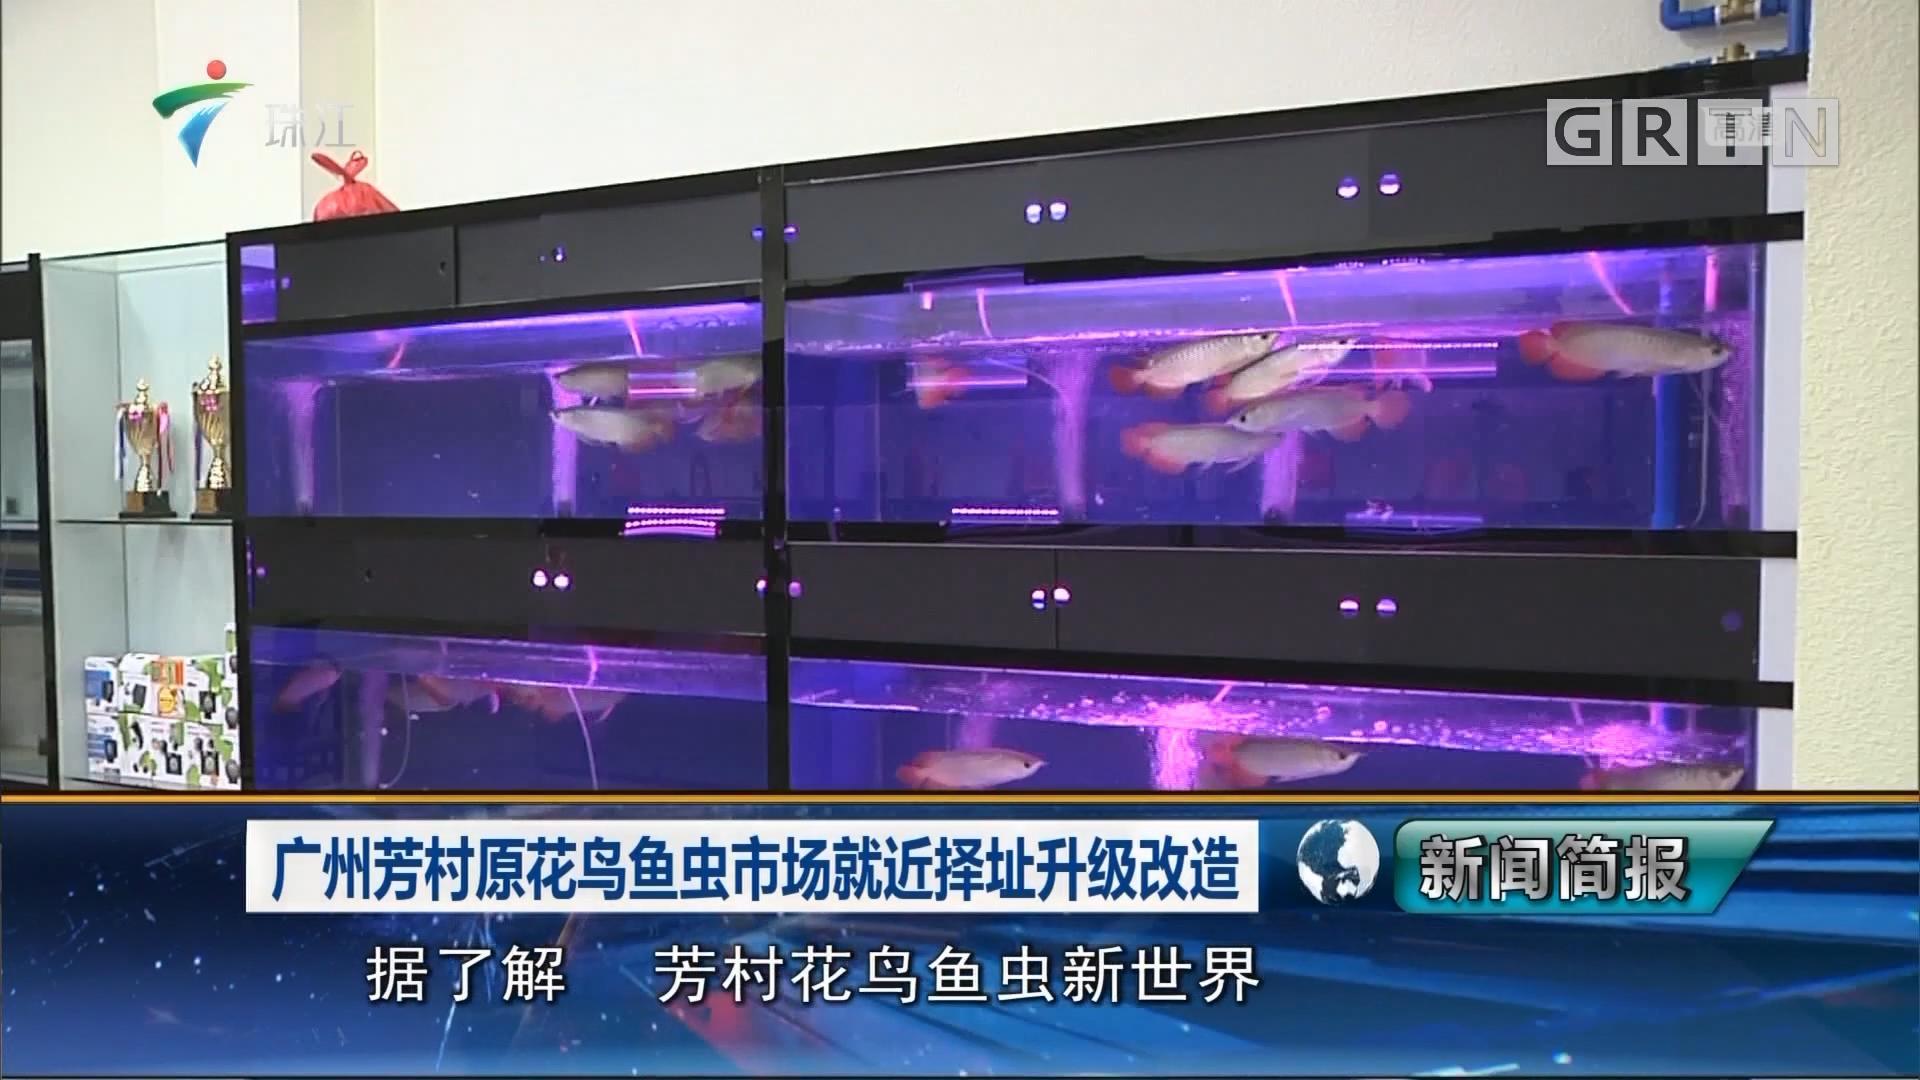 广州芳村原花鸟鱼虫市场就近择址升级改造